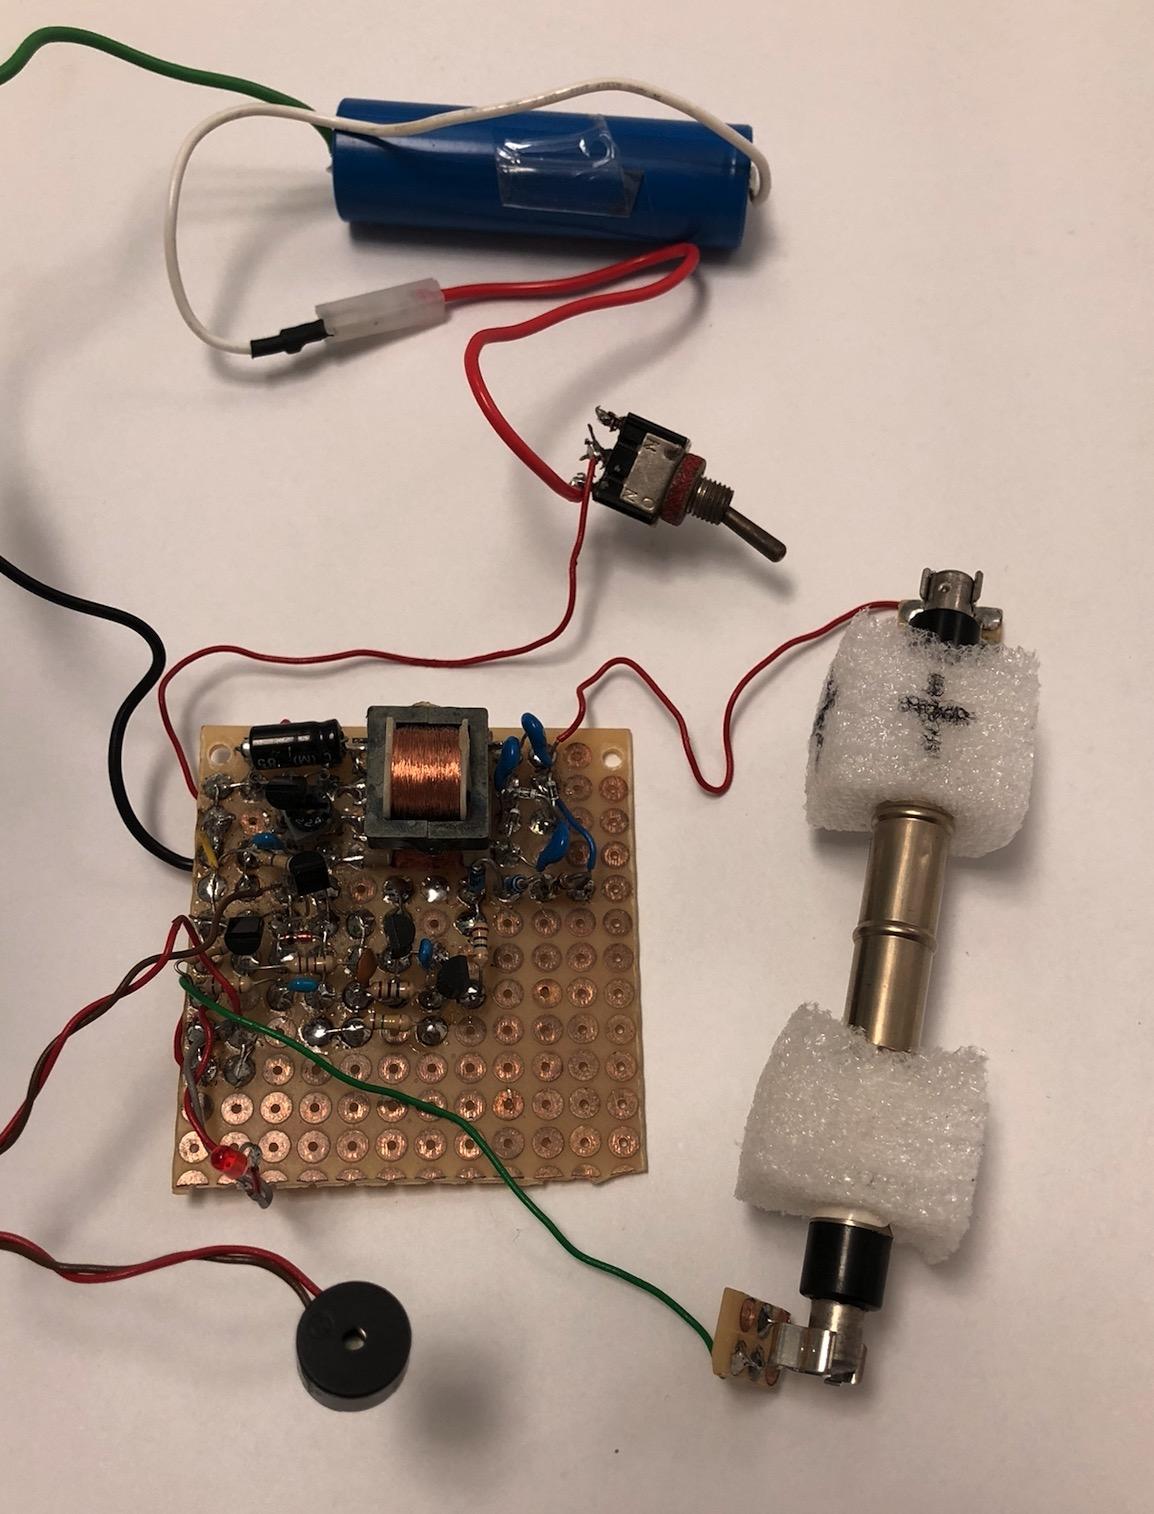 Un projet de compteur geiger à transistors - Page 2 Captur24